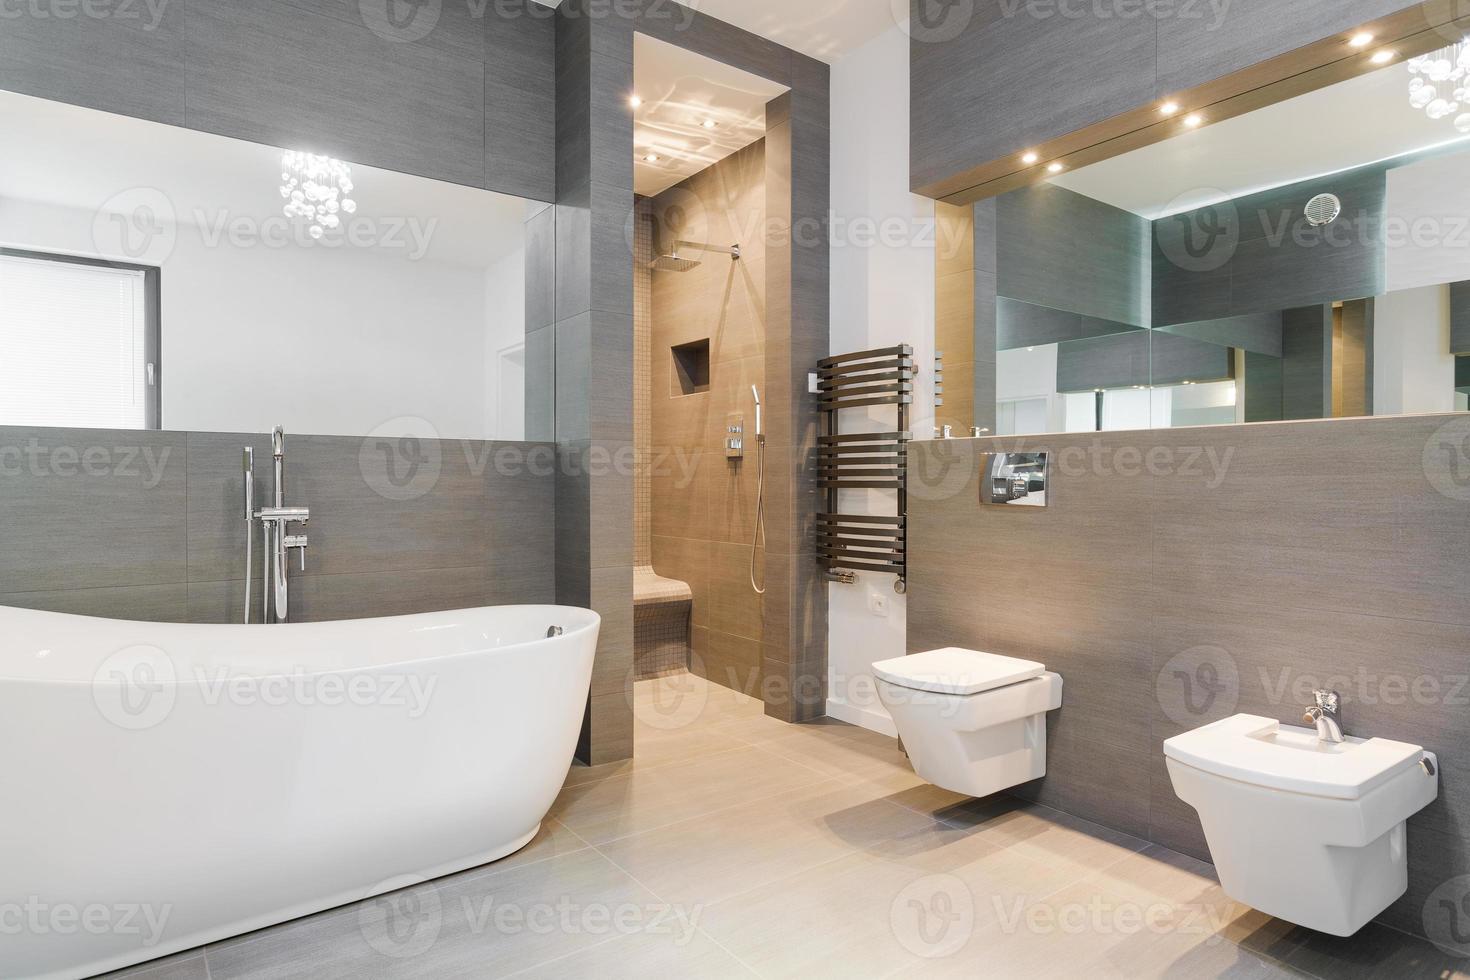 élégante salle de bain classique photo